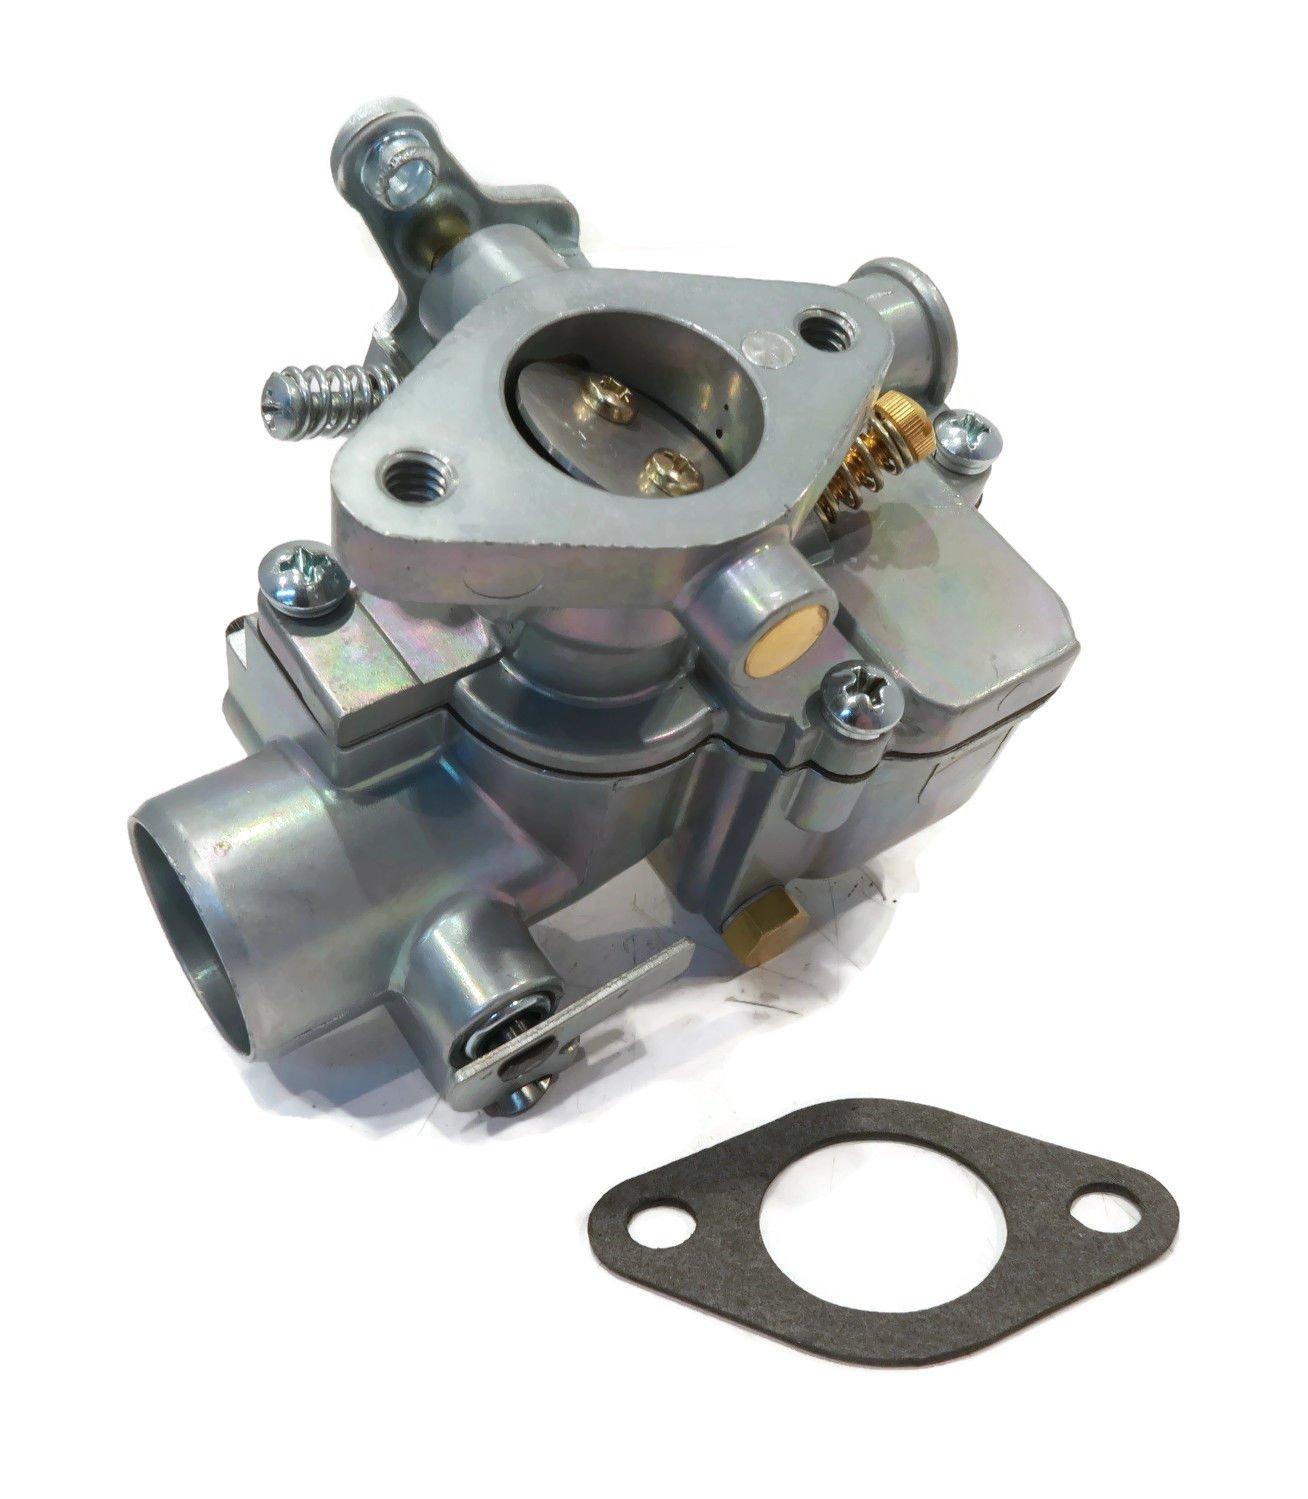 Autoparts New Carburetor Carb kit Fit for IH Farmall cub Tractors